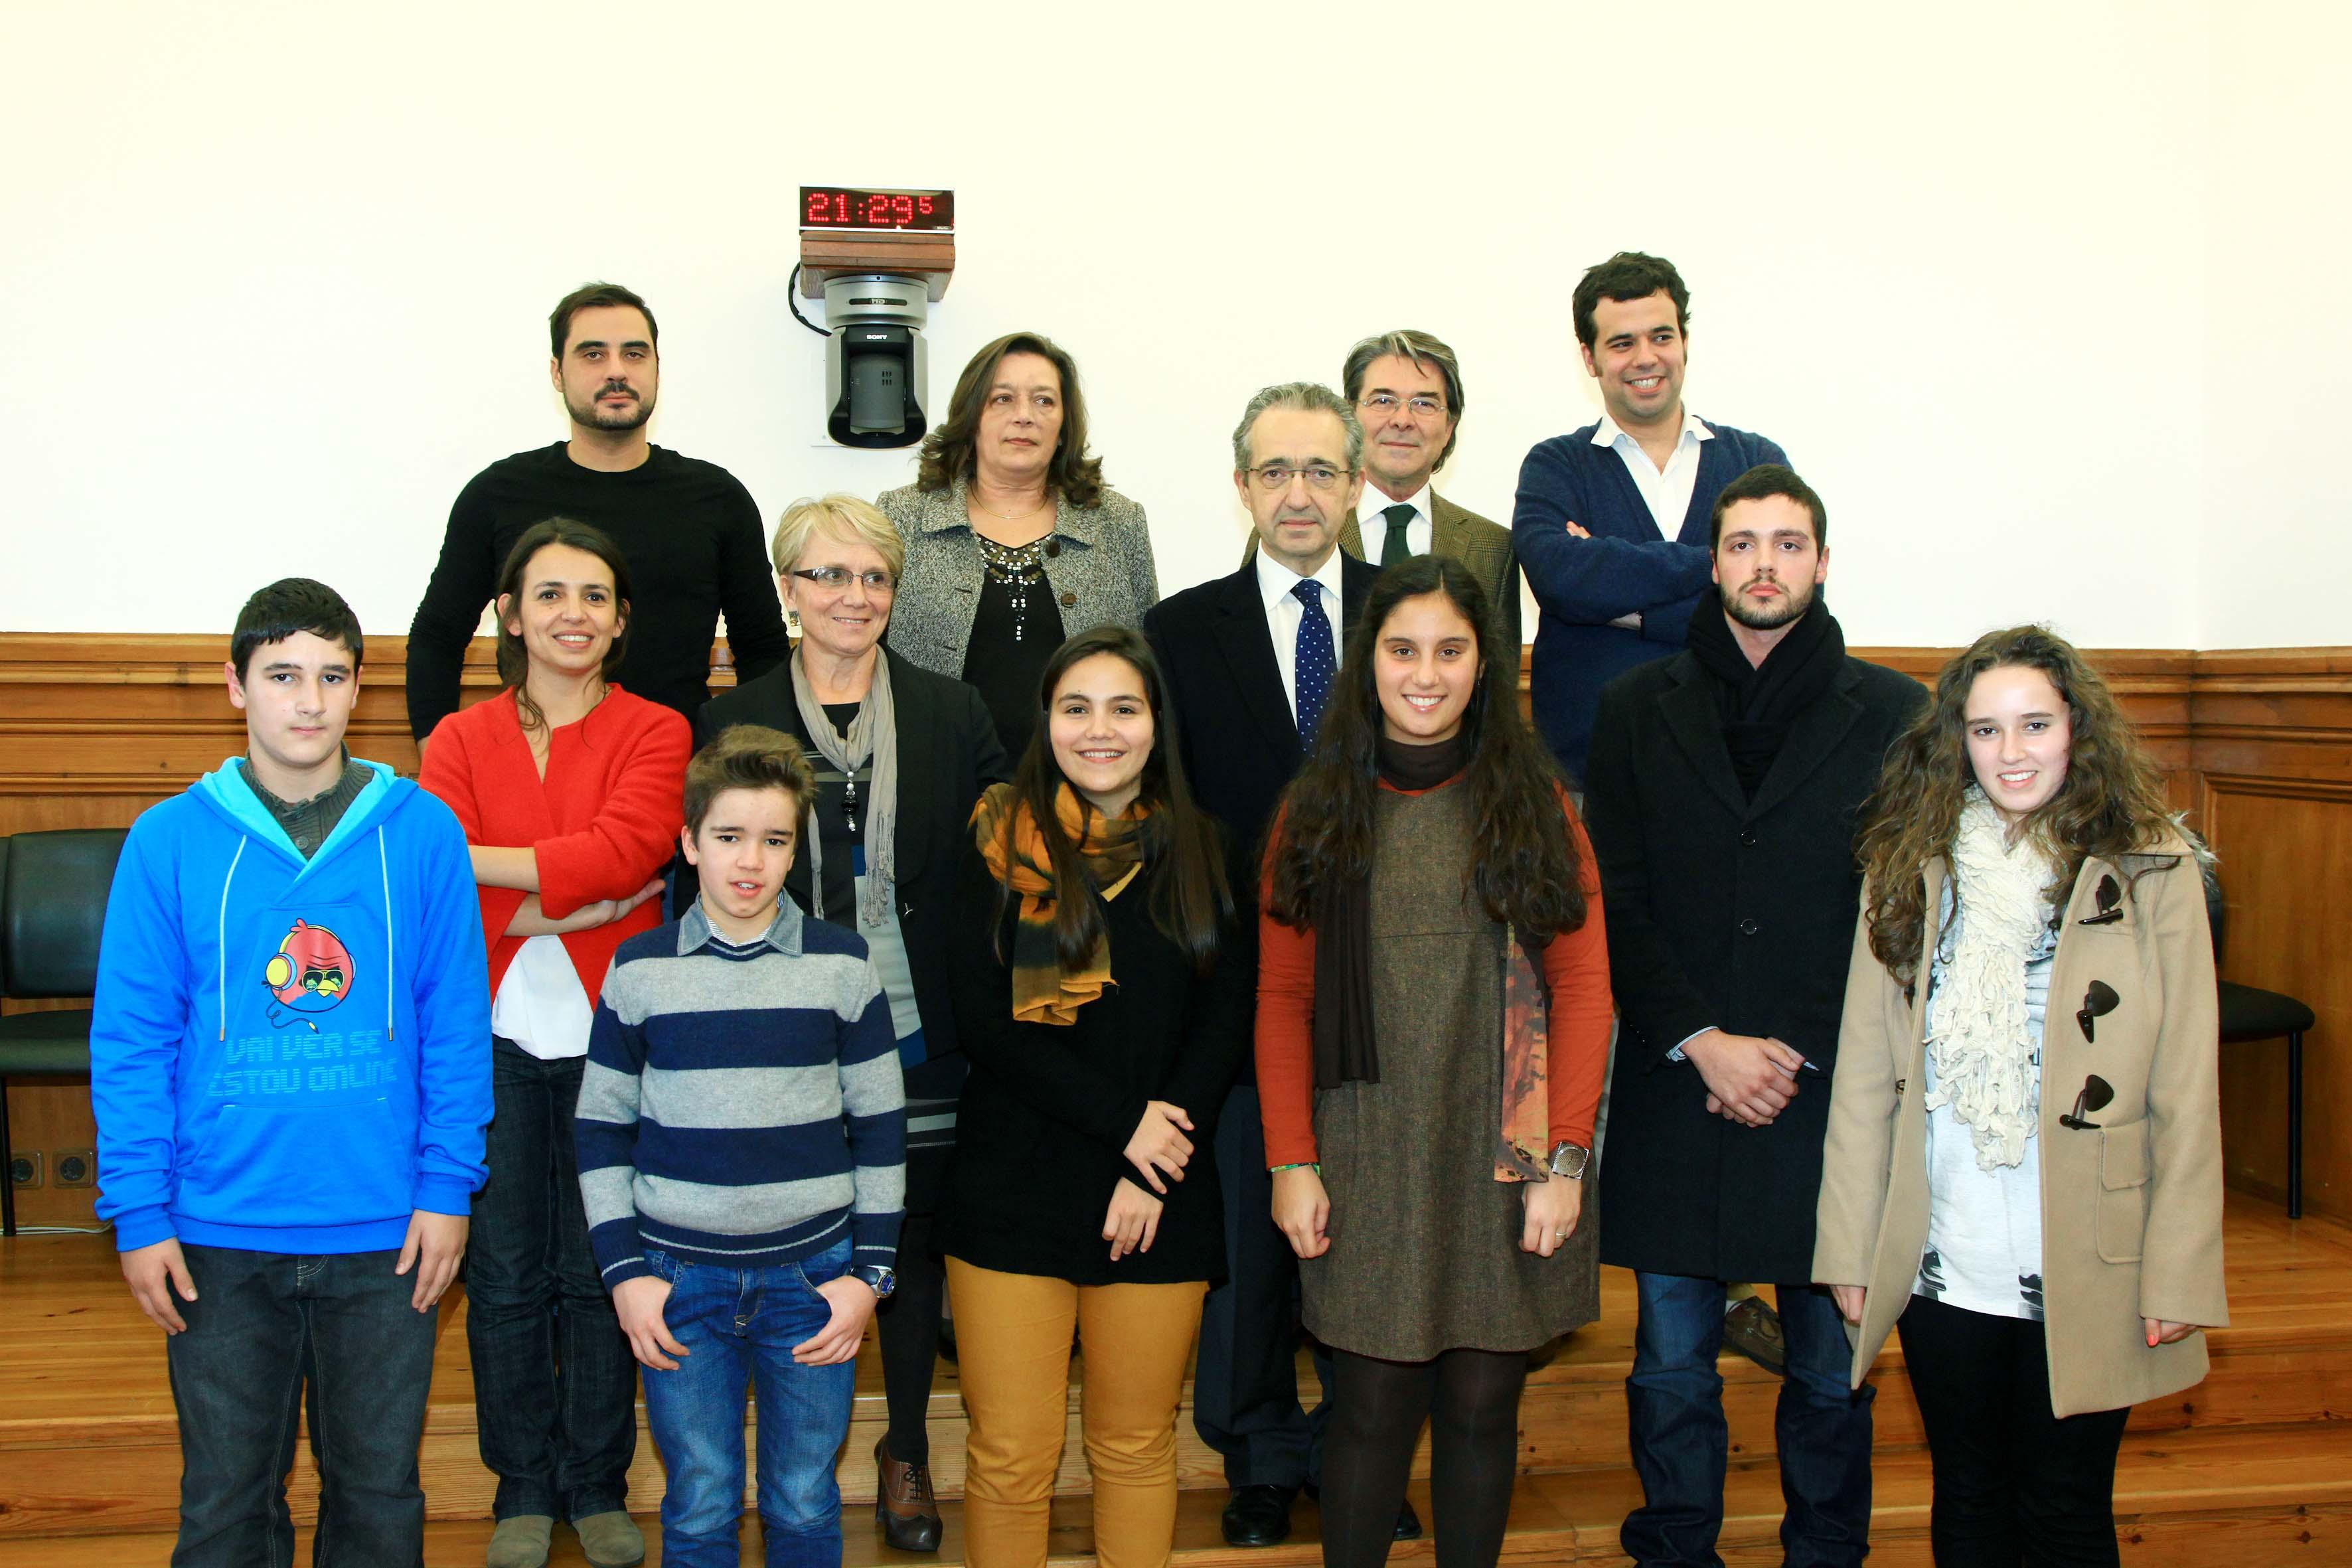 28.novembro.2012 - Cerimónia de entrega dos Prémios Reportagem Parlamento dos Jovens 2011/2012.